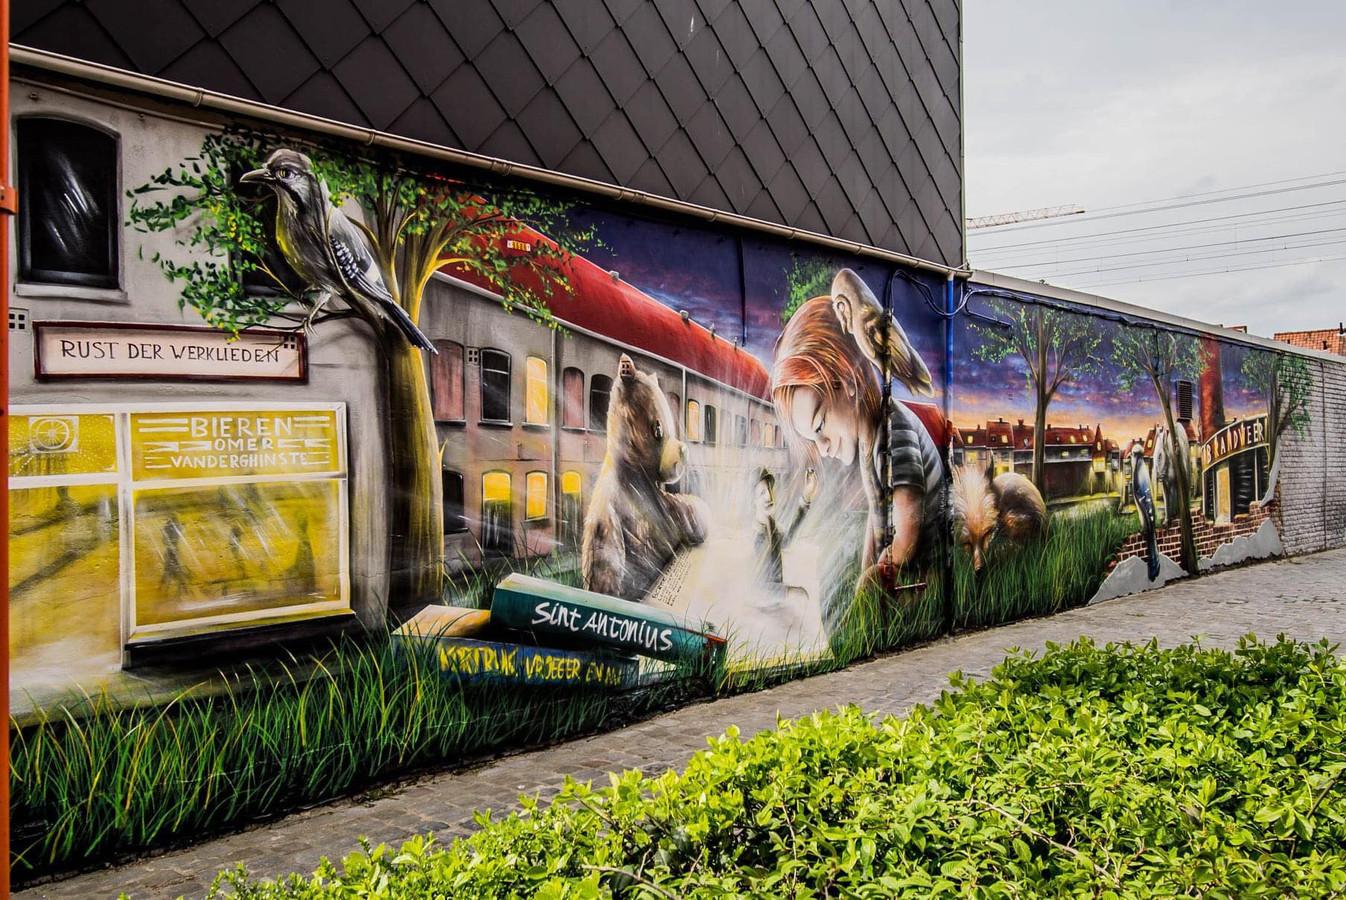 De muurschildering in volle glorie